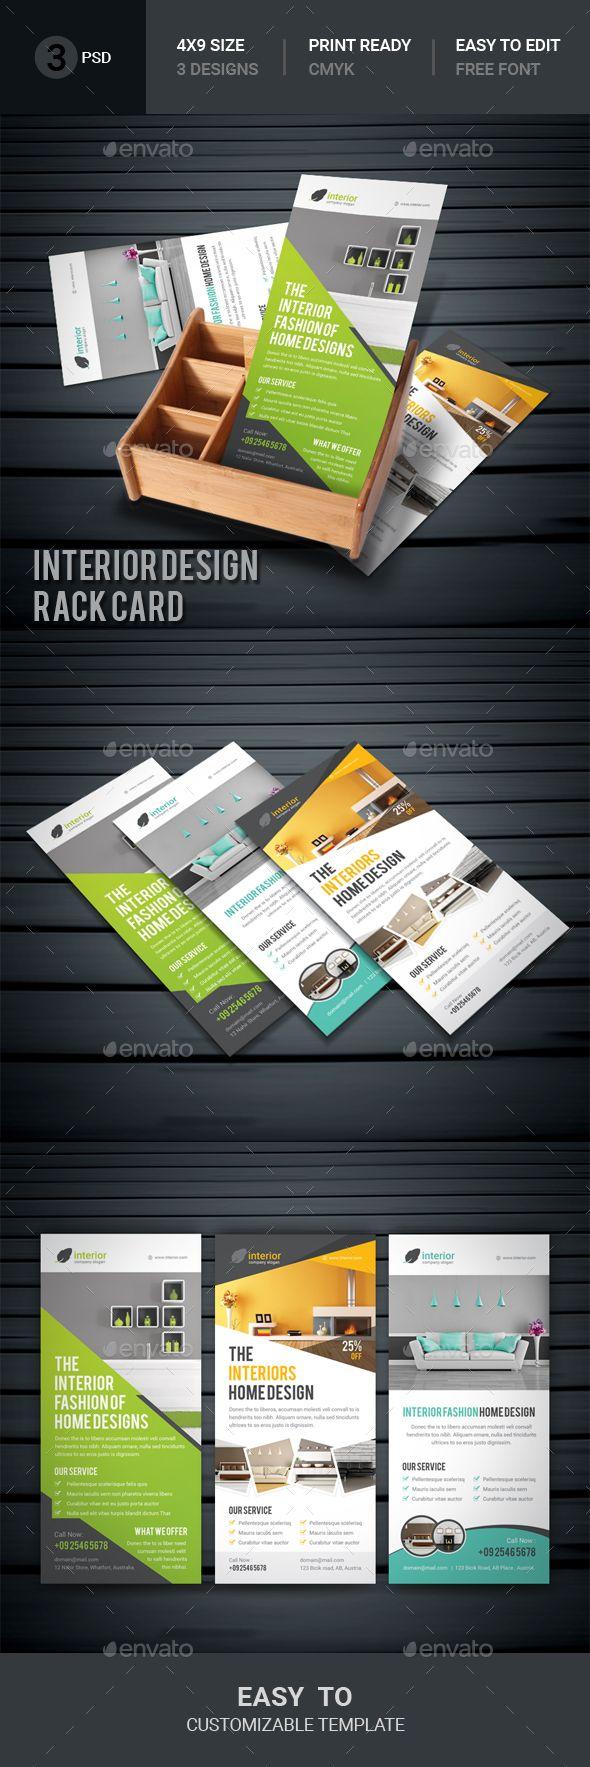 Interior Designing Online Courses Stunning Decorating Design